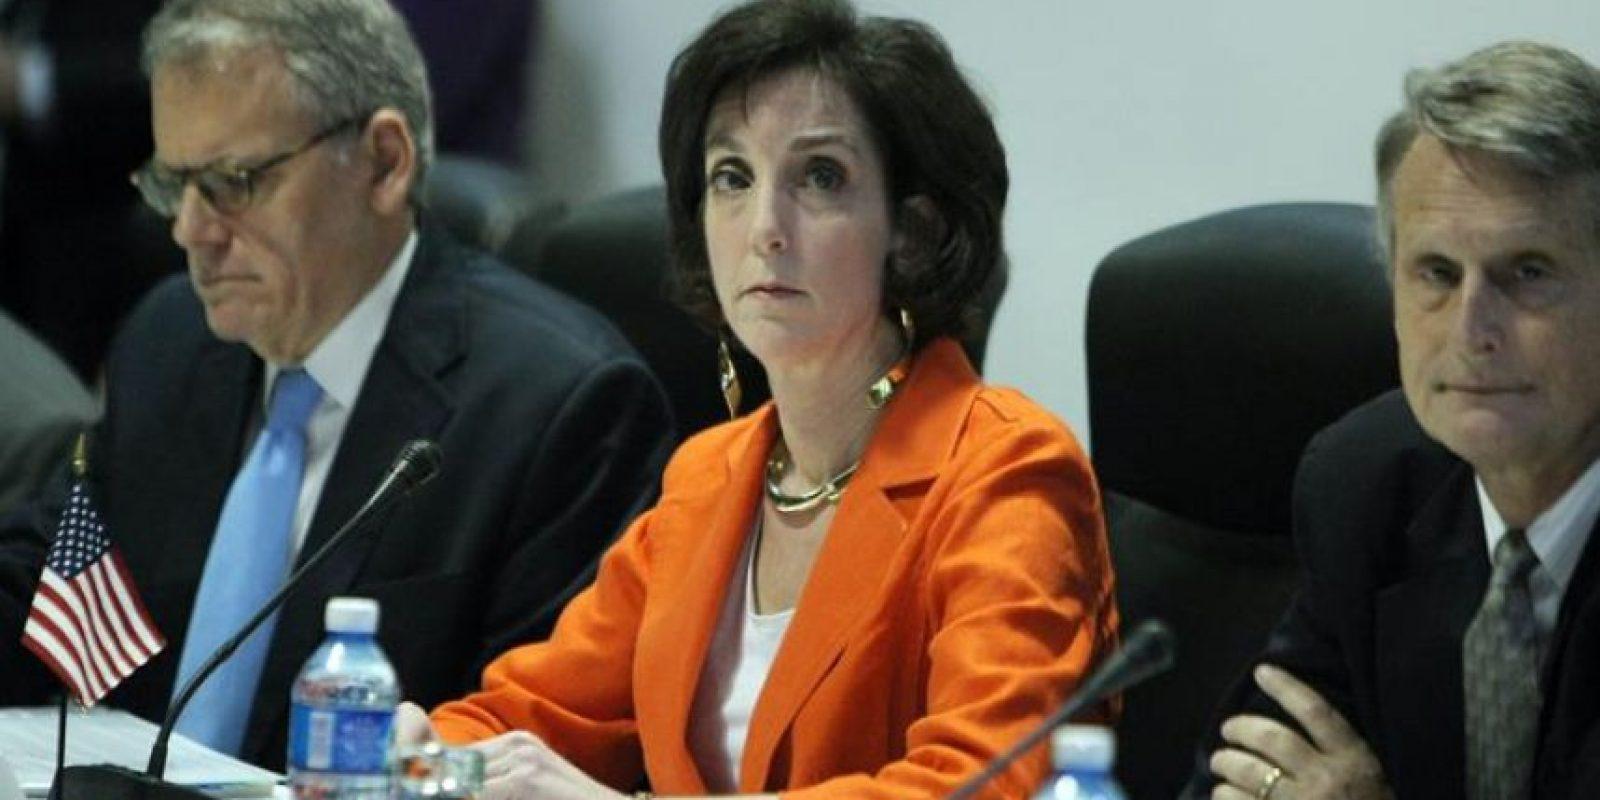 La secretaria de Estado adjunta para Latinoamérica, Roberta Jacobson, asiste a una reunión en el Palacio de Convenciones de La Habana (Cuba). EFE